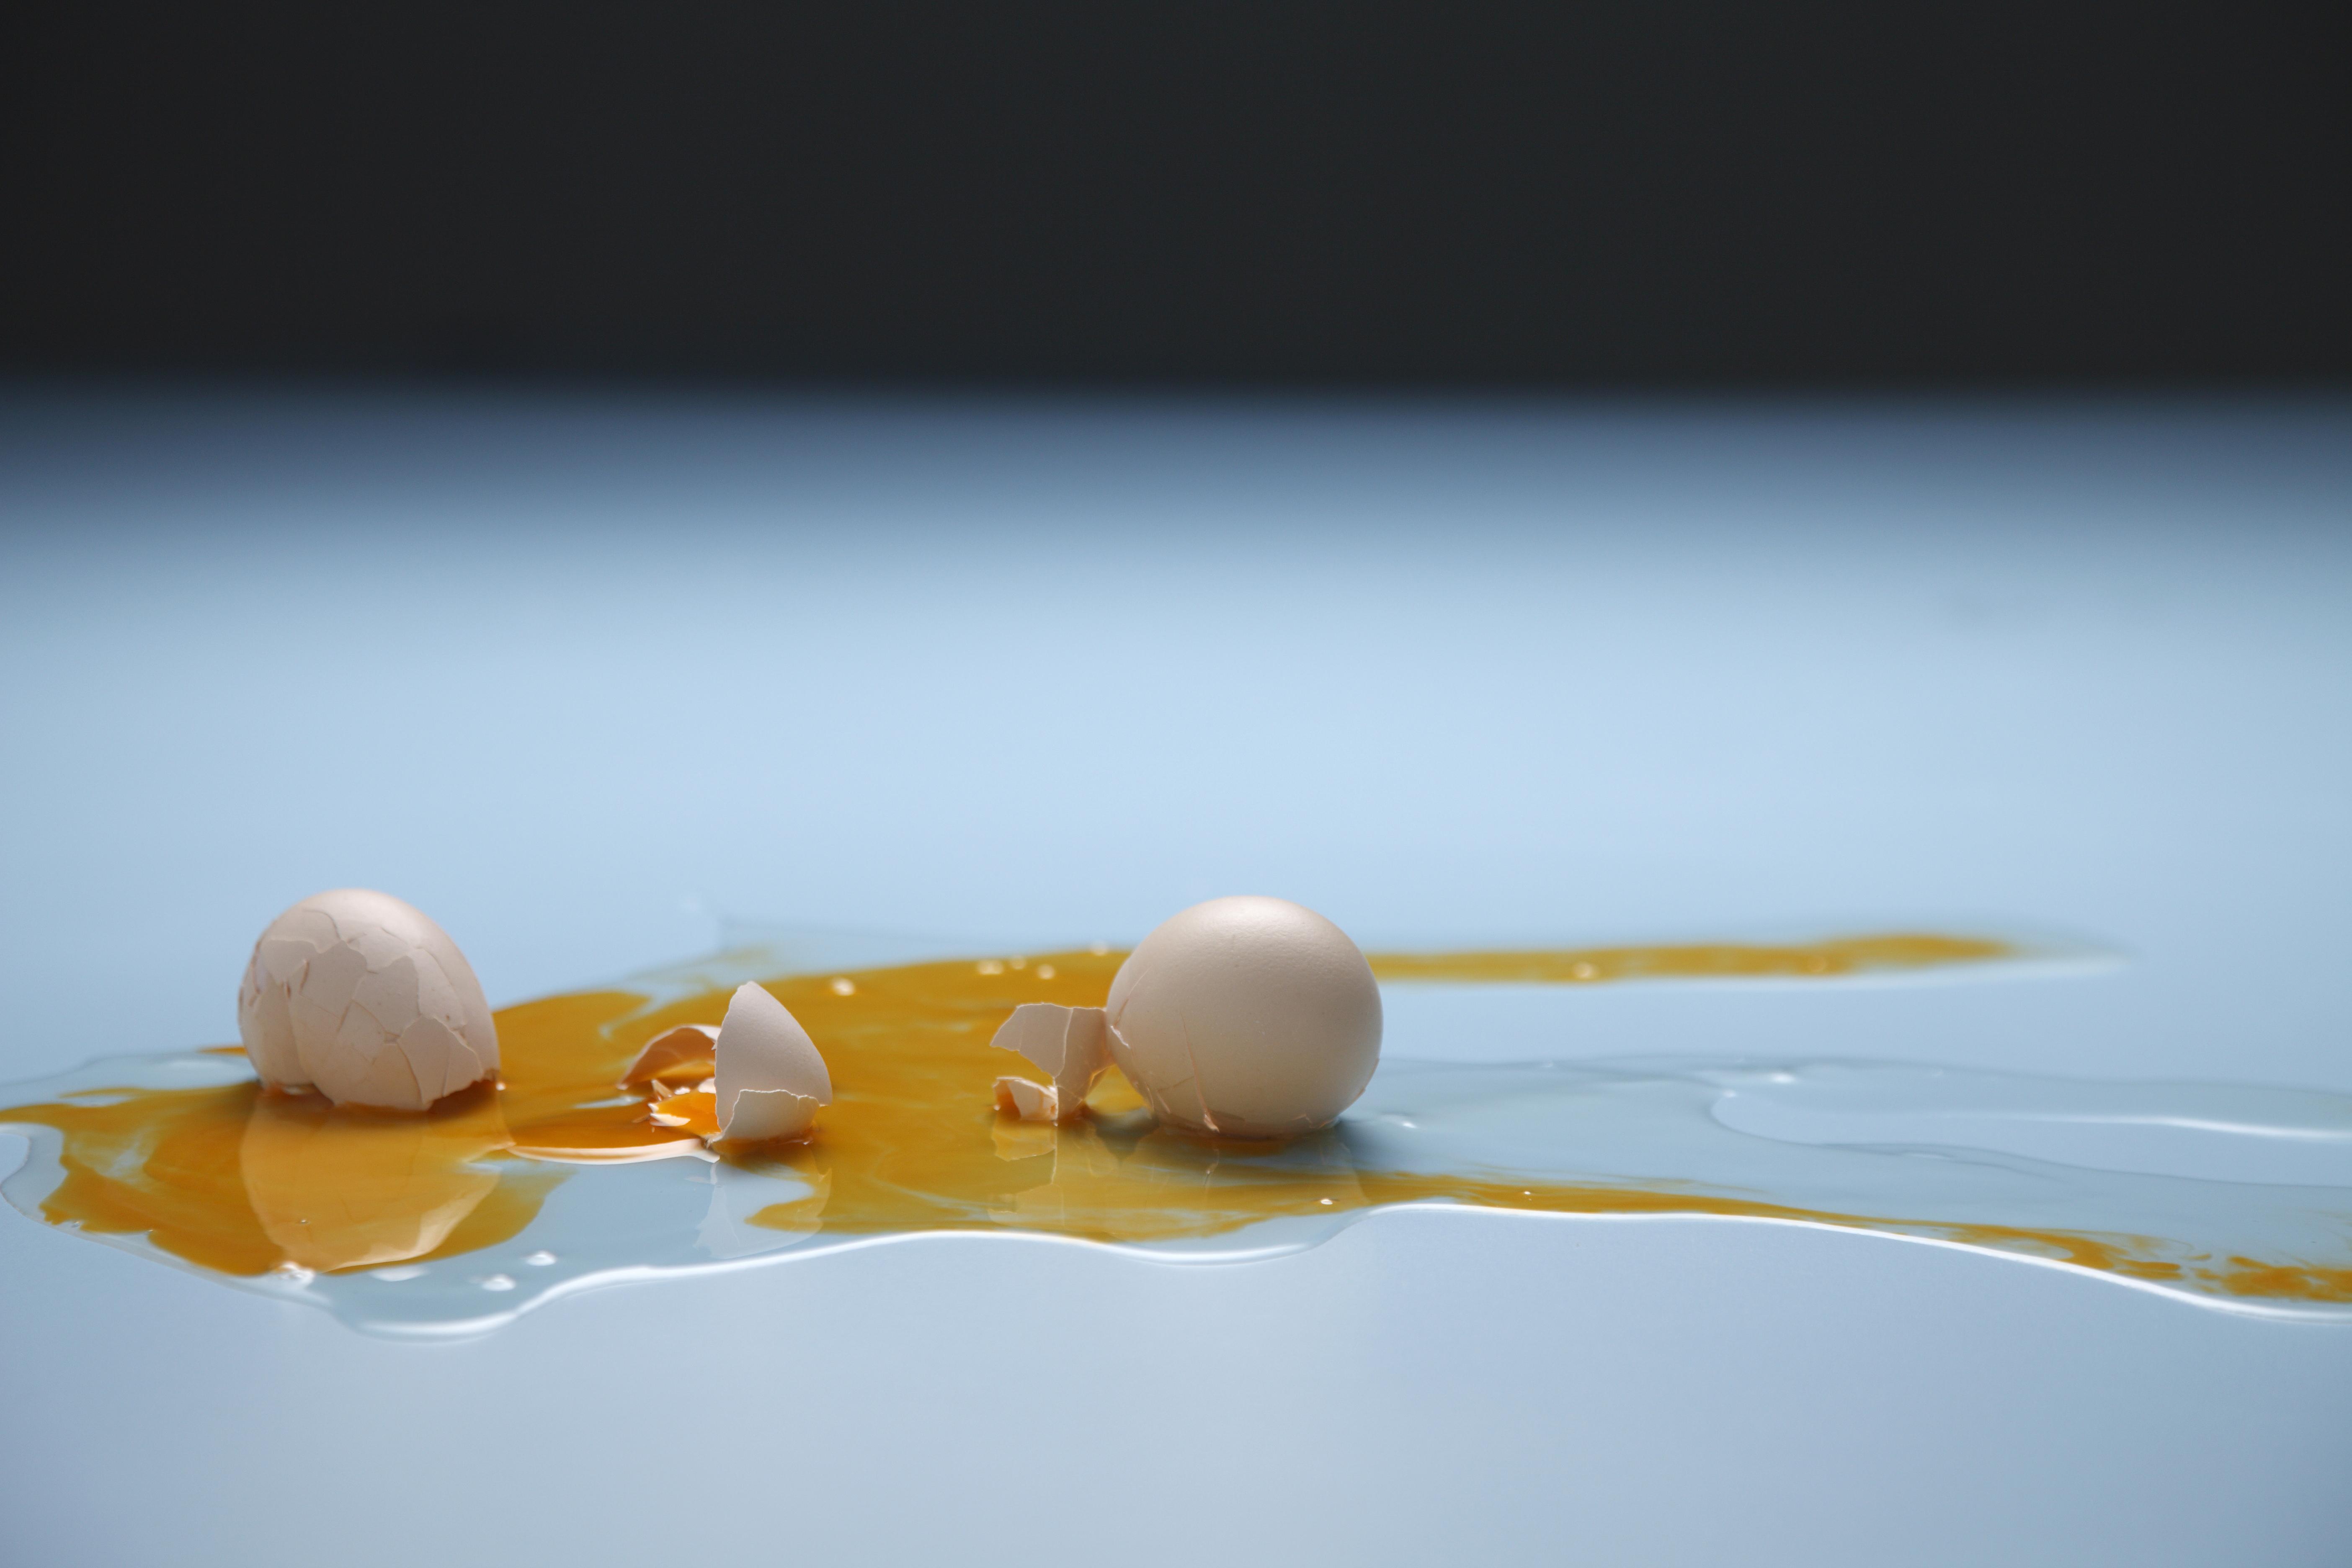 egg drop experiment using straws